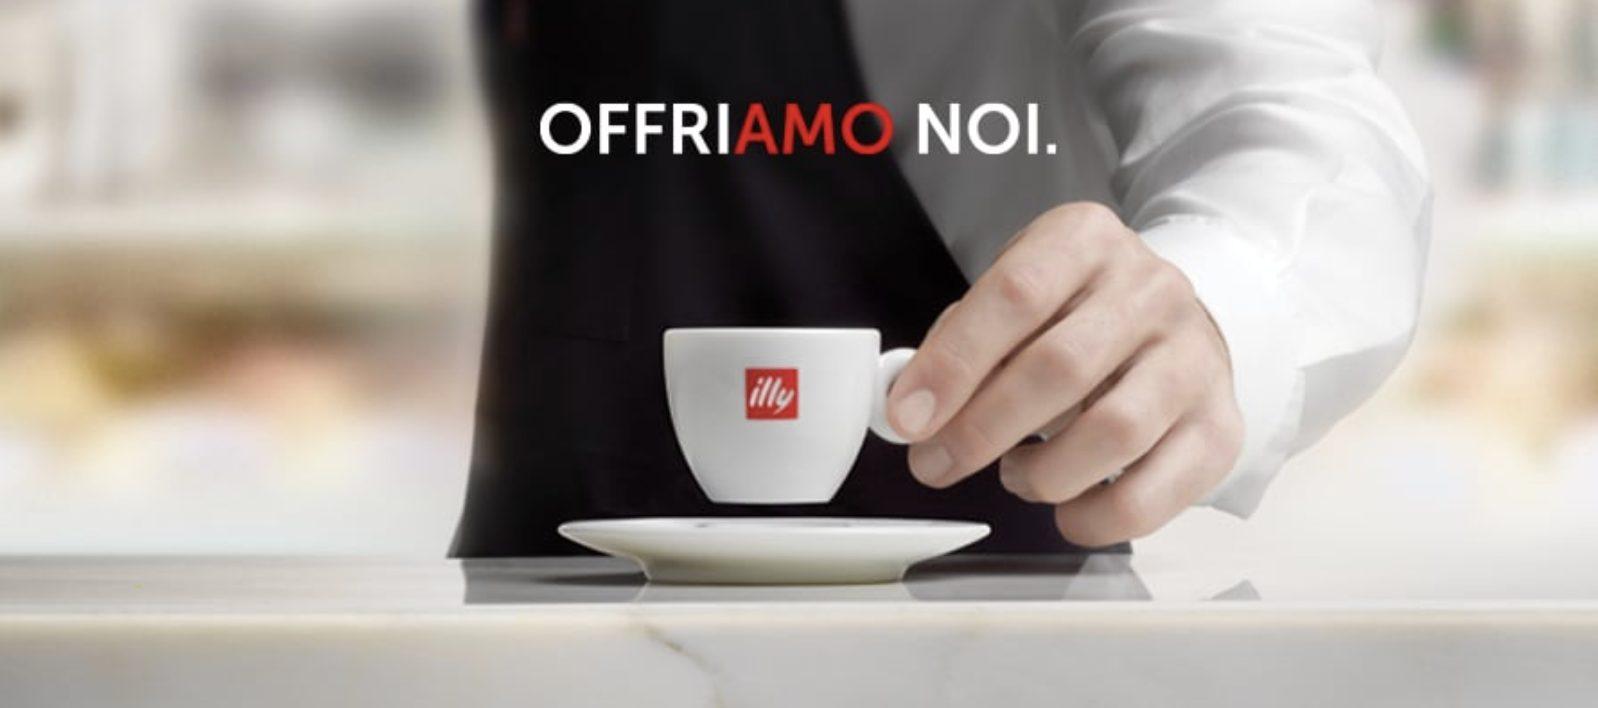 Ripartire con il sapore giusto: Illy offre il caffè a tutti gli italiani